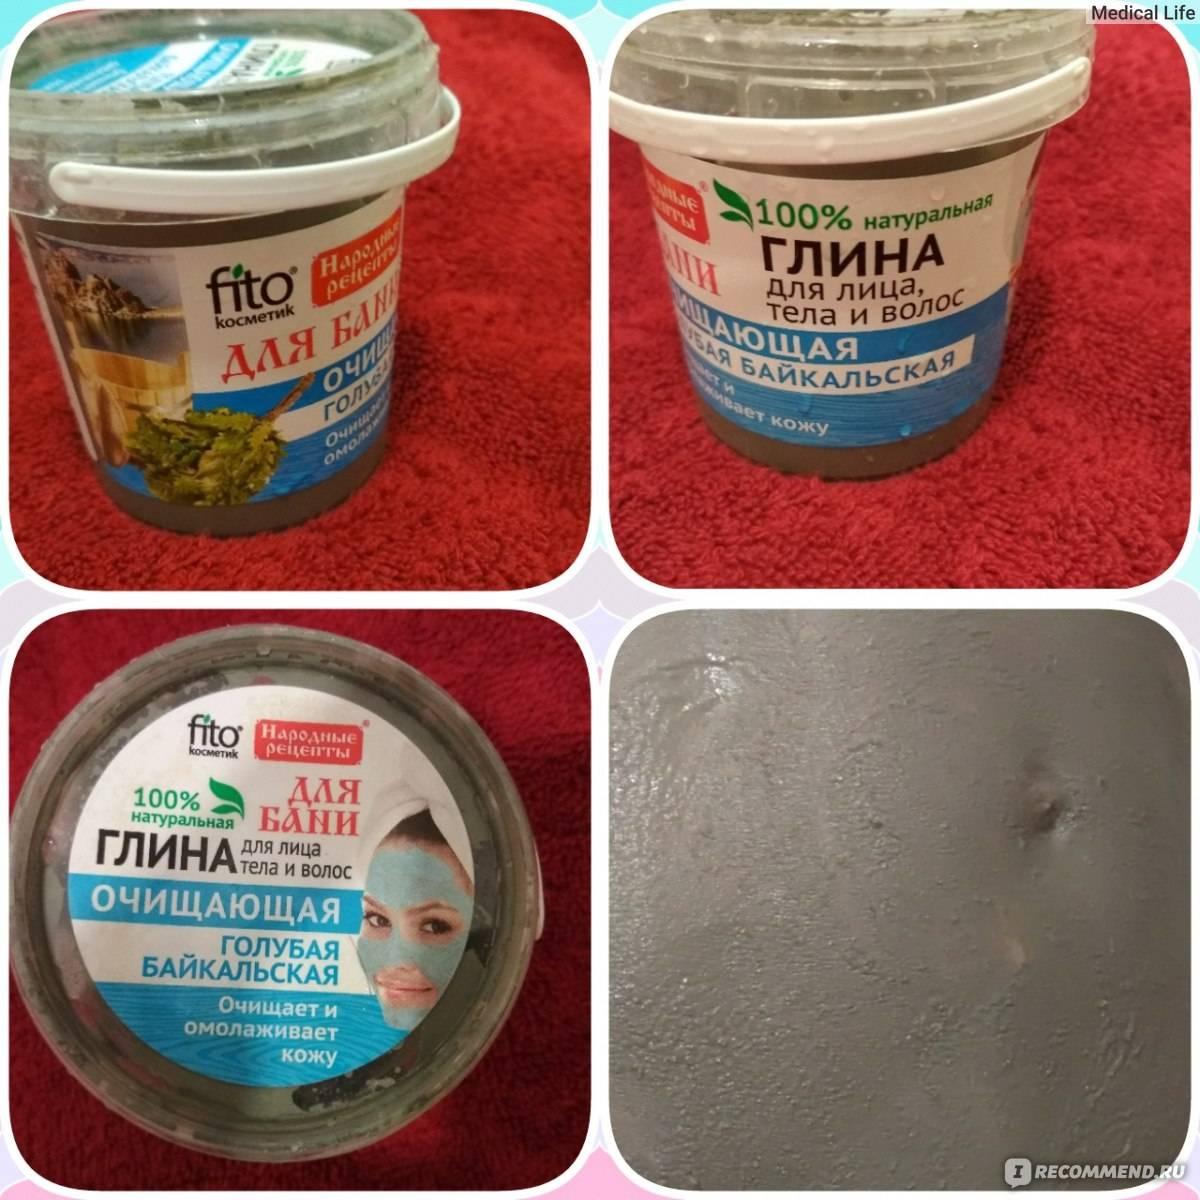 Как проводятся обертывания с глиной против целлюлита дома?